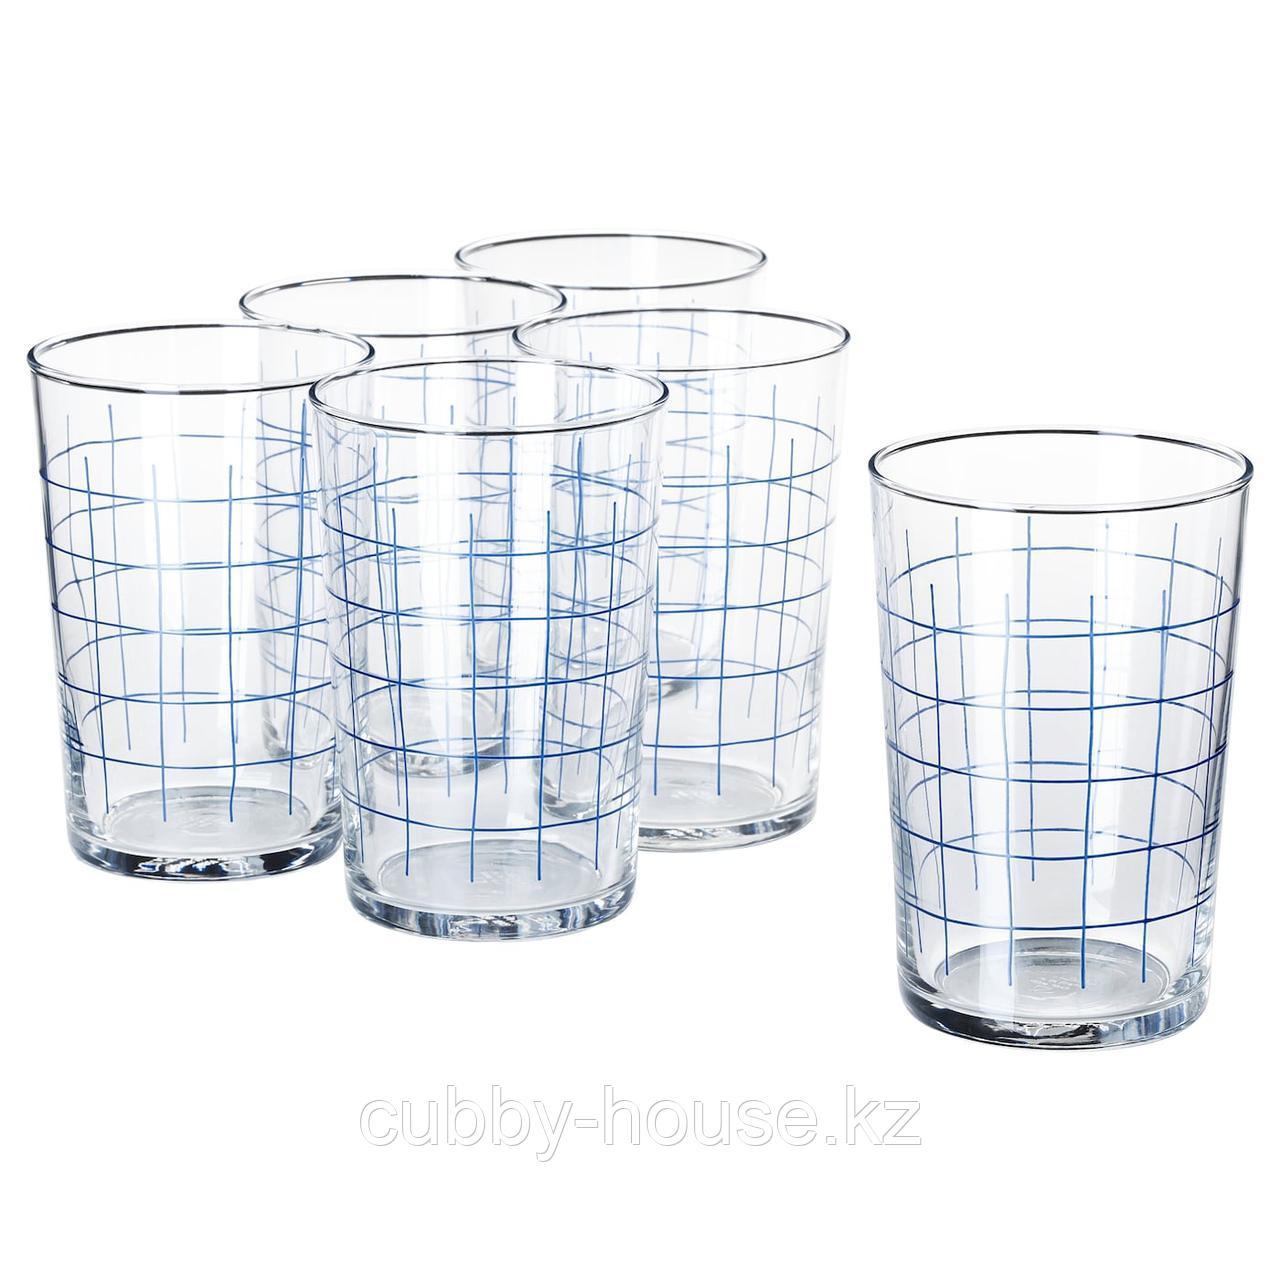 СПОРАДИСК Стакан, прозрачное стекло, клетчатый орнамент, 46 сл